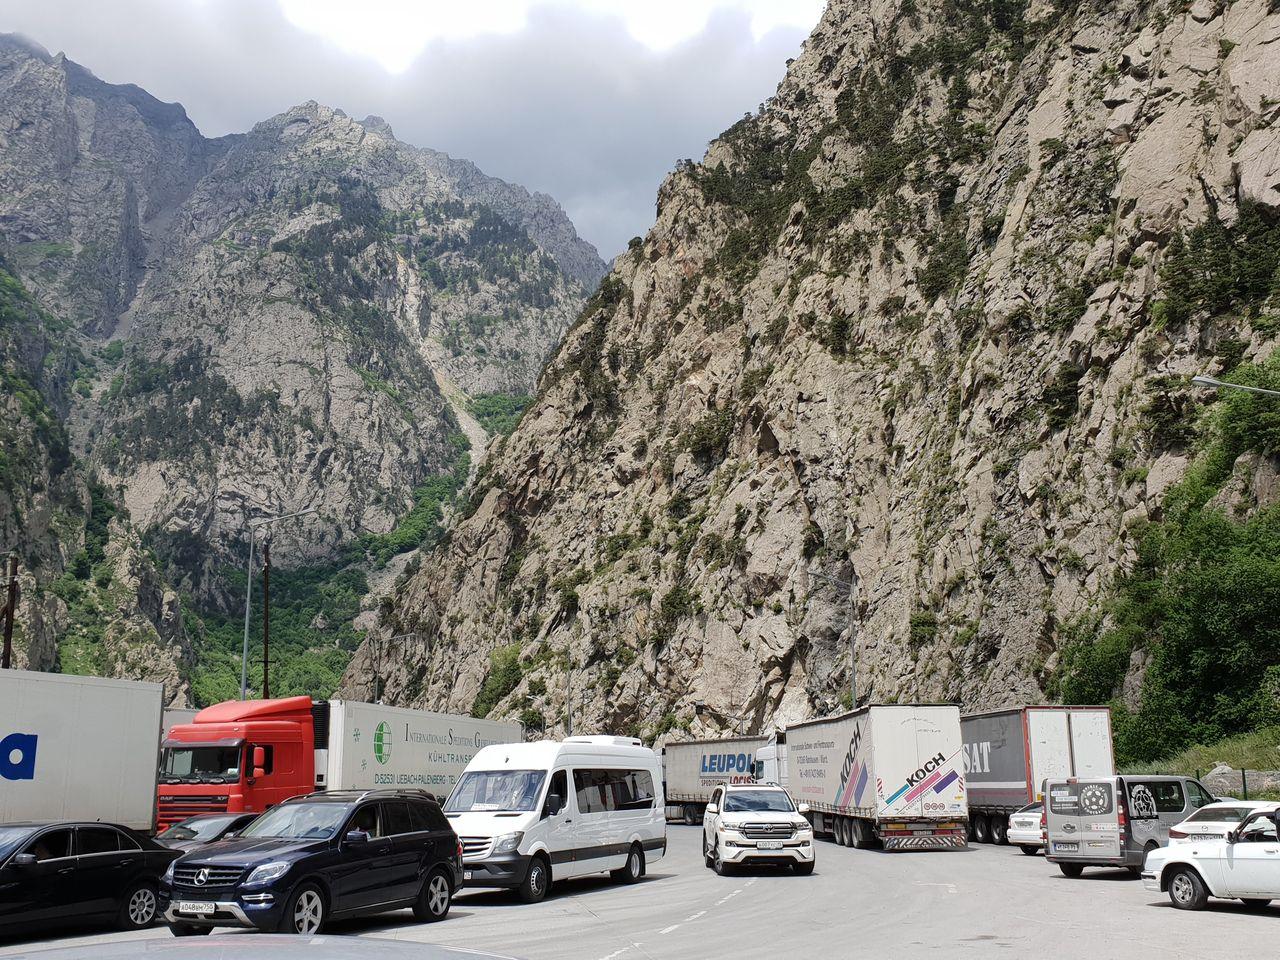 Nach der georgischen Grenze, in einem riesigen Niemandsland zwischen den beiden Ländern.